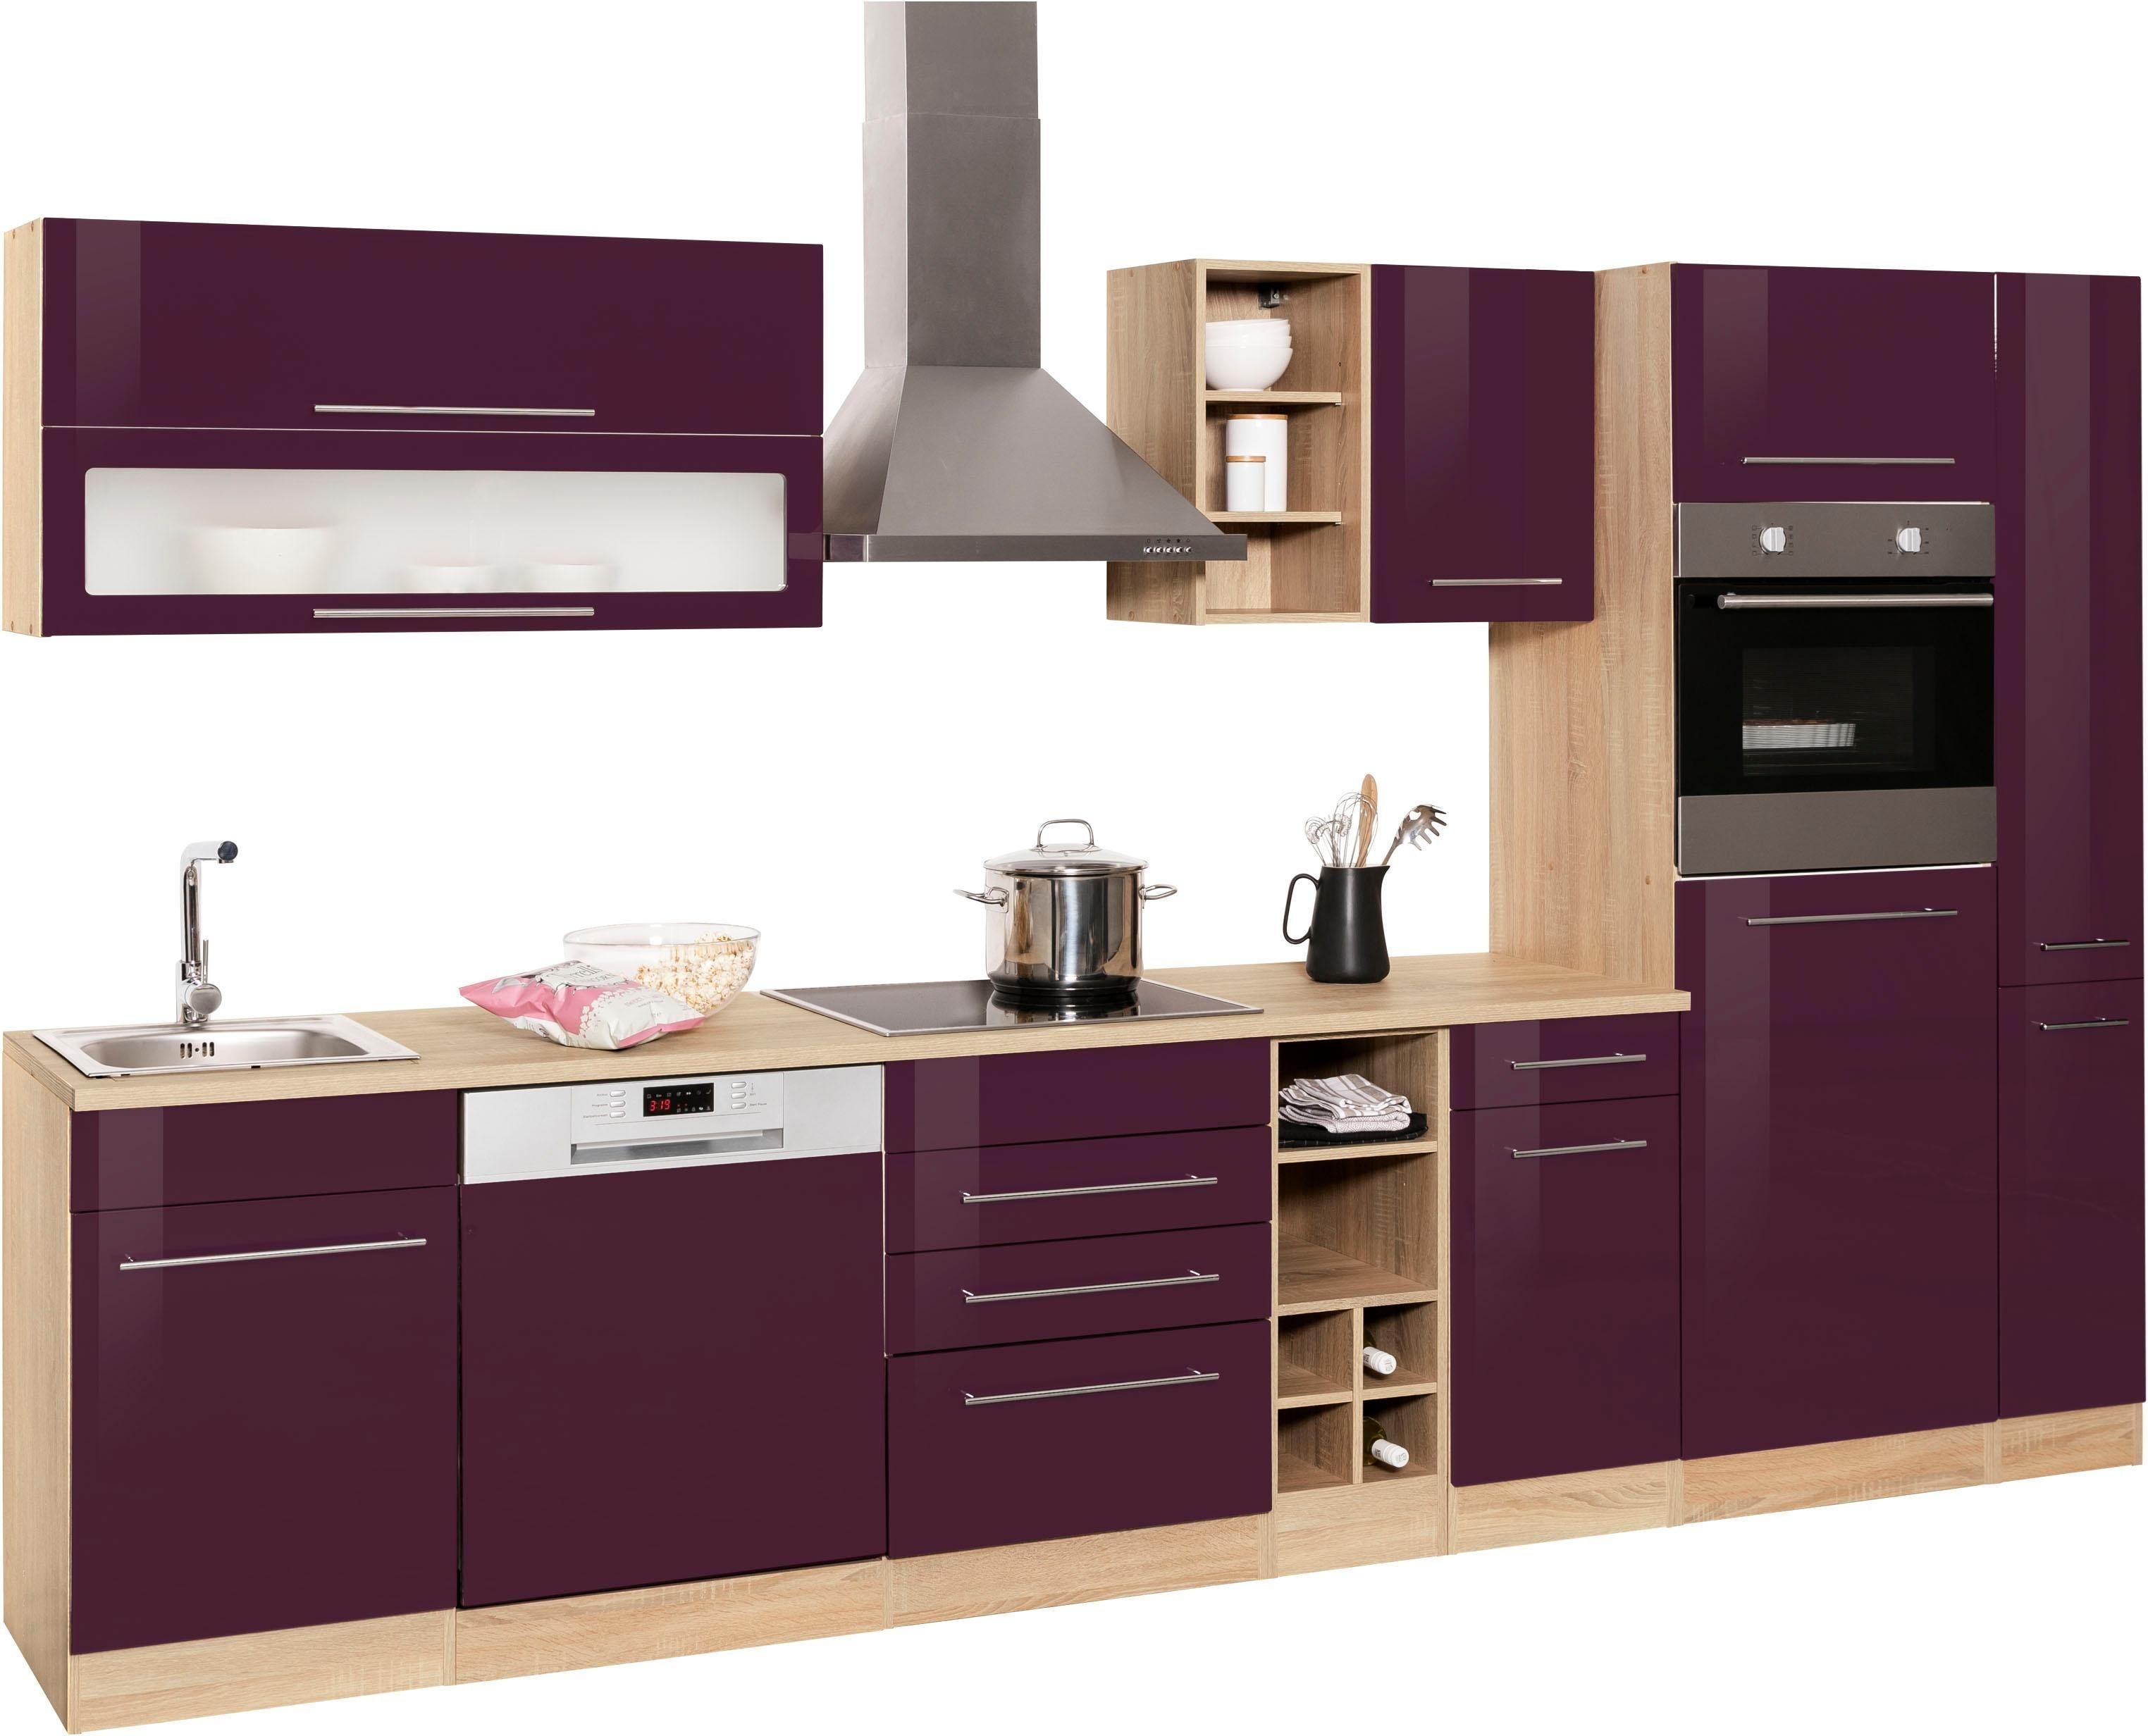 Welnova Küchenzeilen online kaufen | Möbel-Suchmaschine | ladendirekt.de